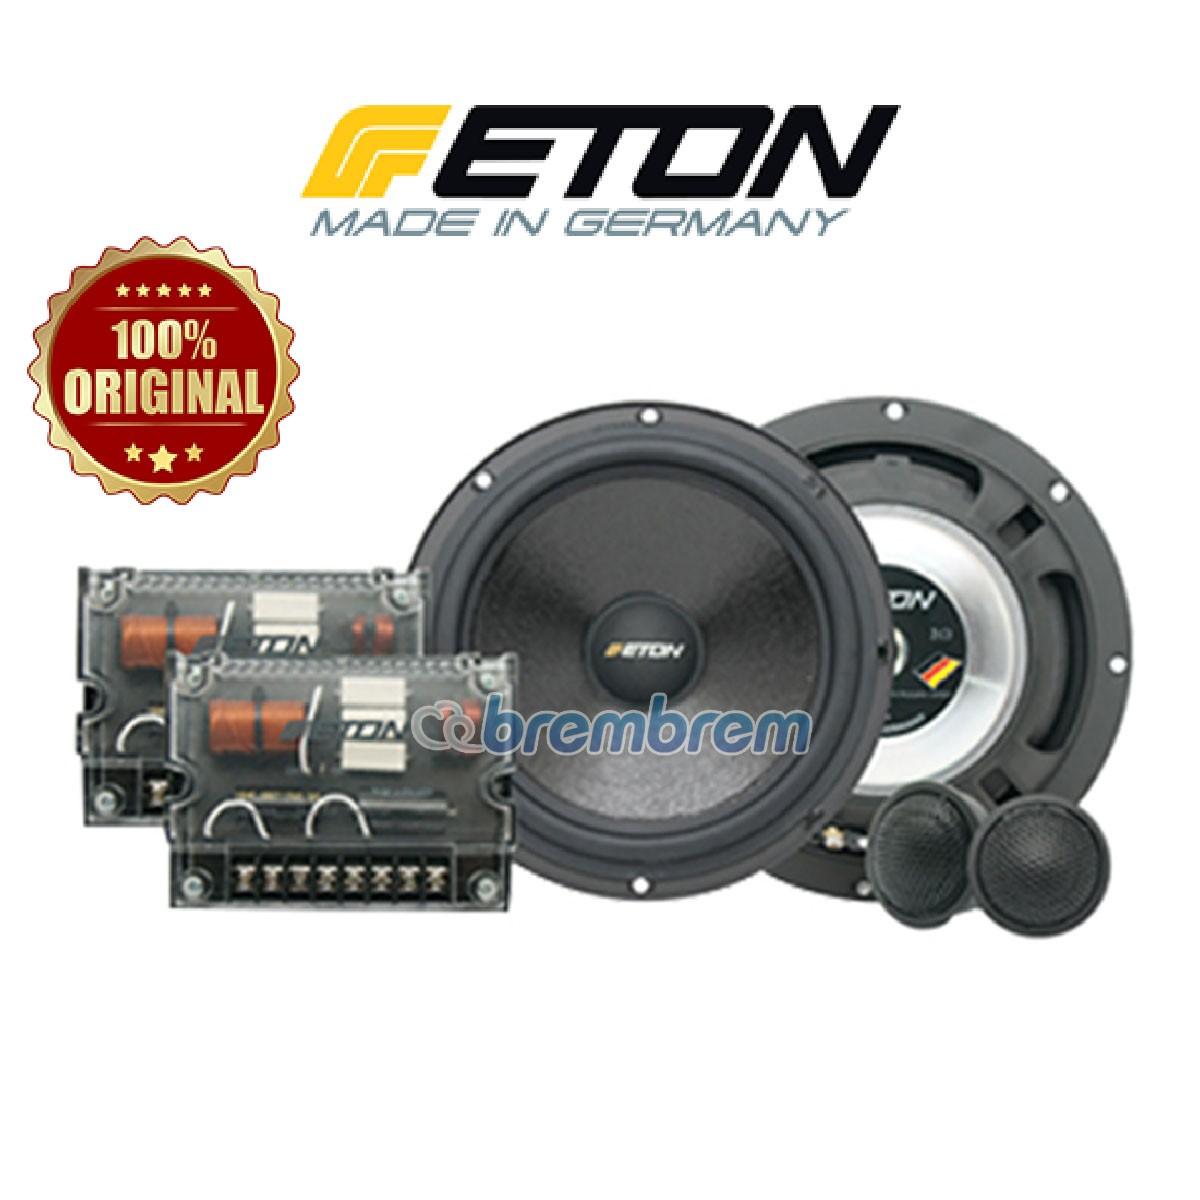 ETON POW 170 - SPEAKER 2 WAY